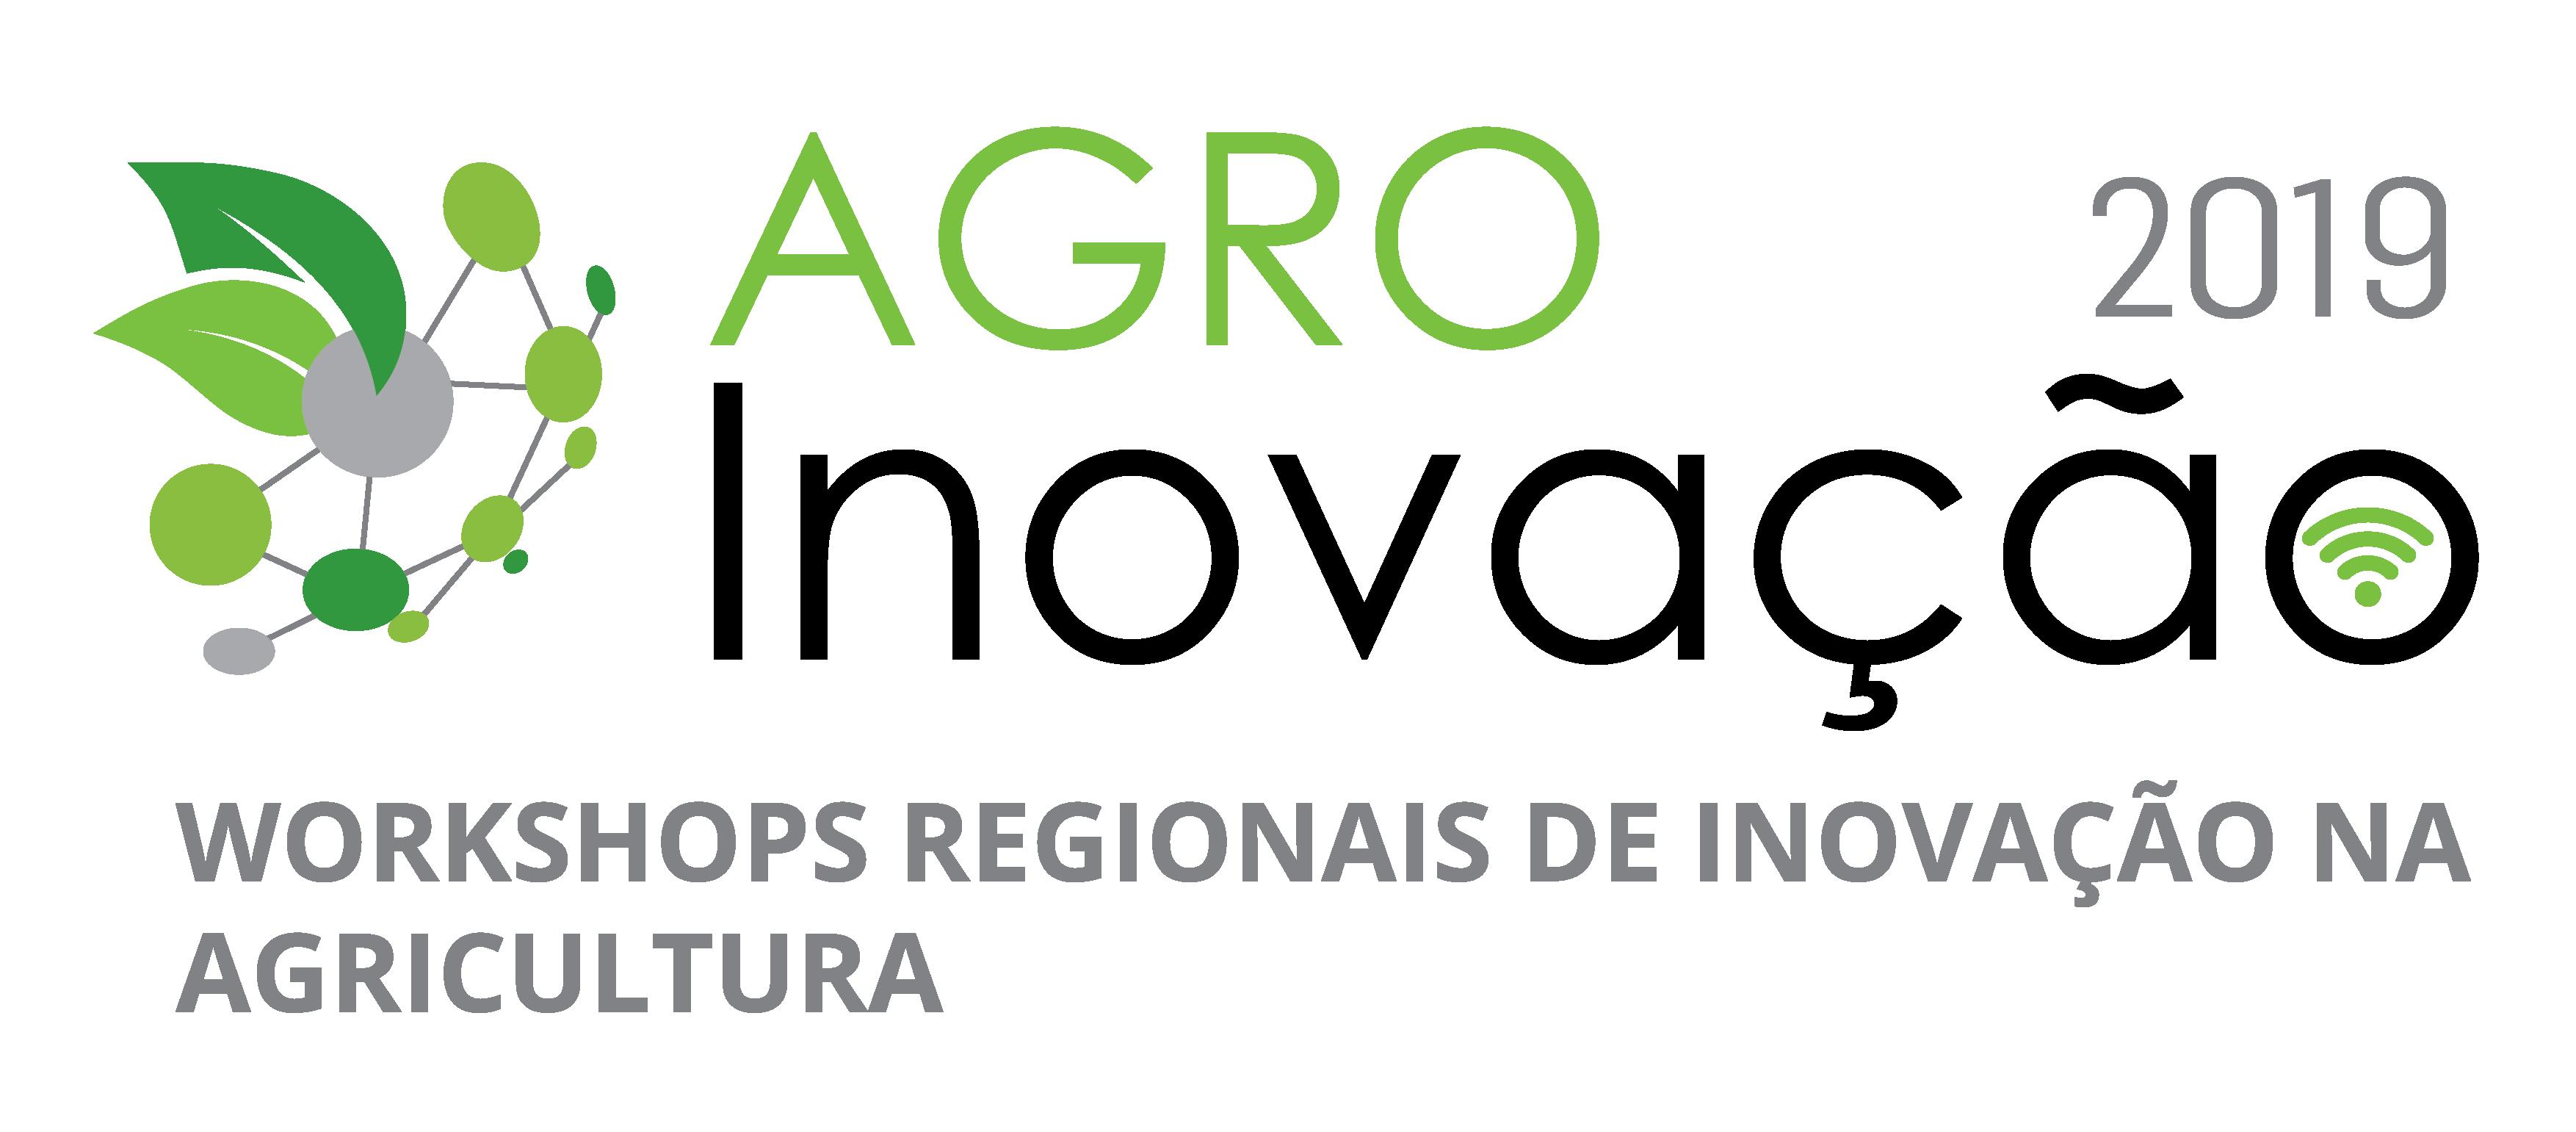 logo AGRO INOVACAO 2019 01